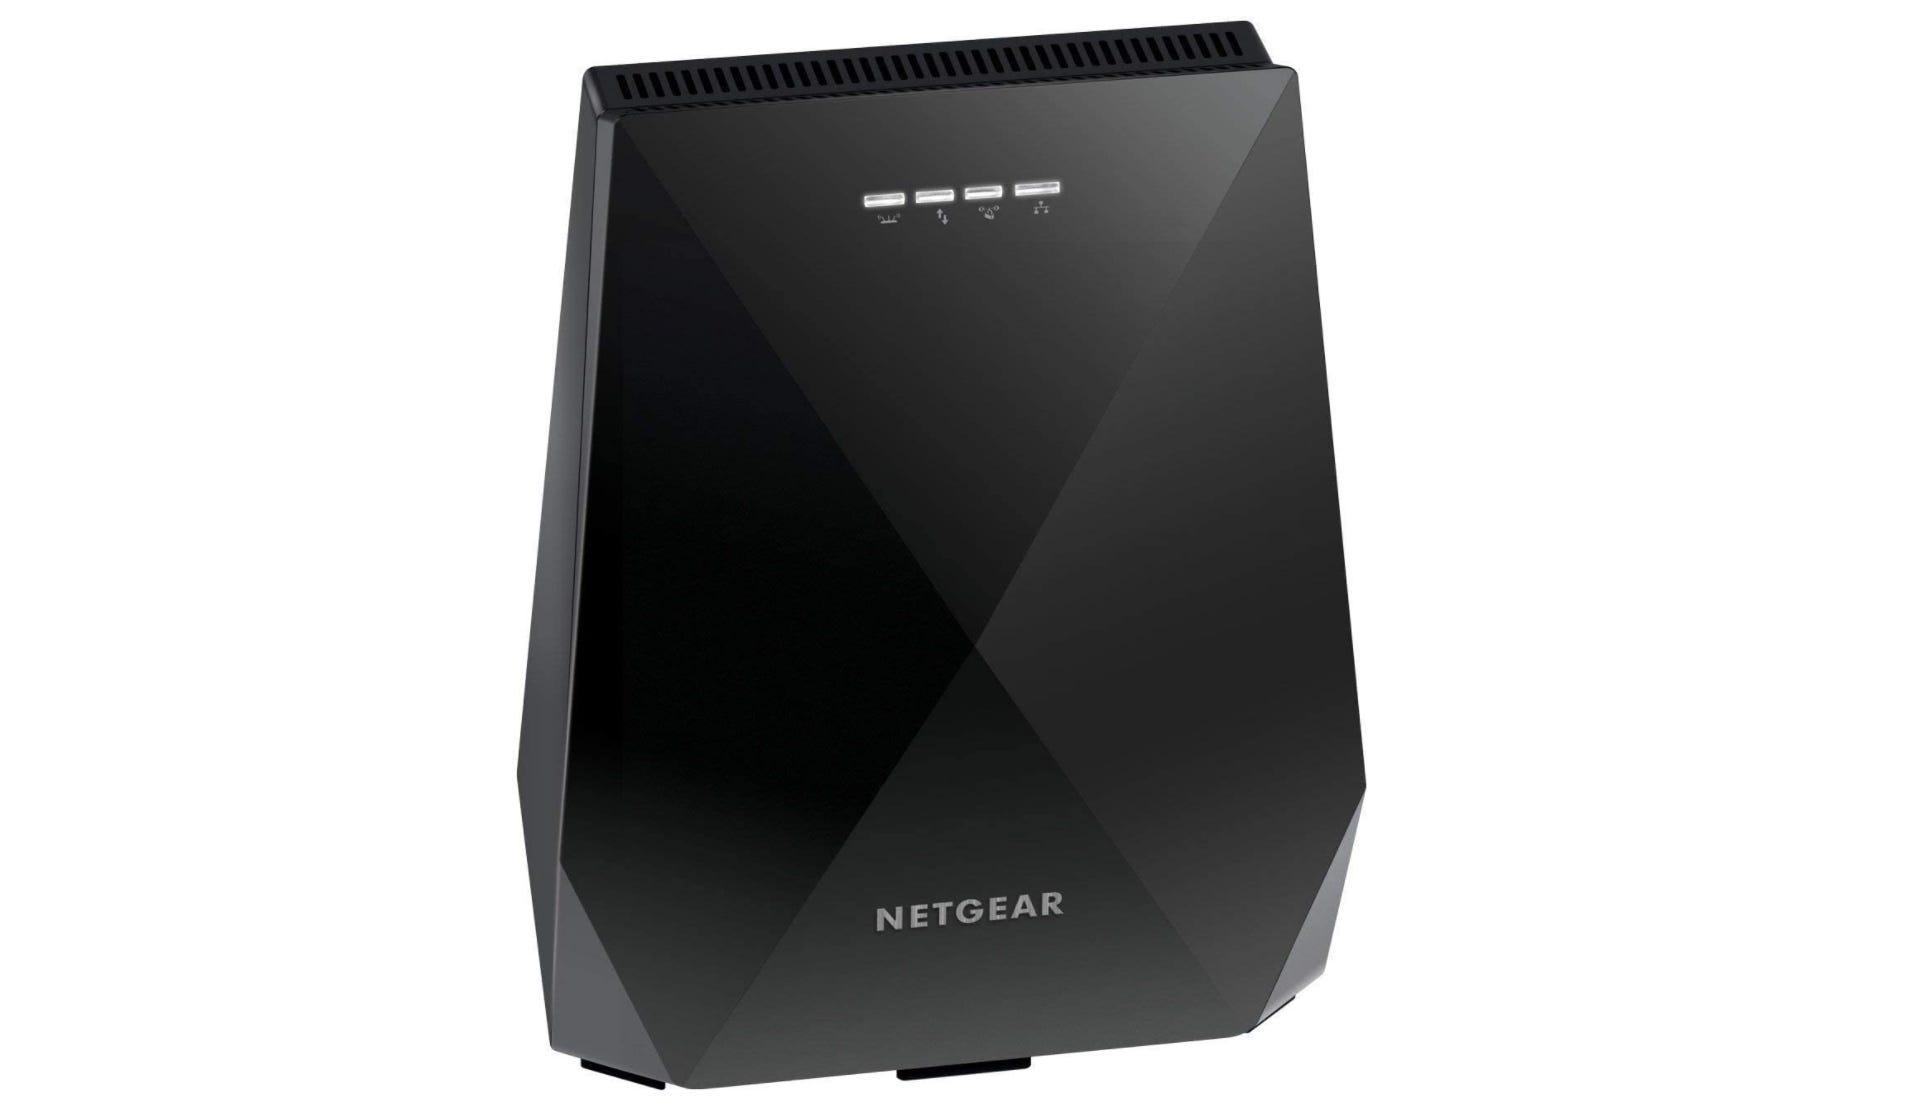 NetGear X6 extender